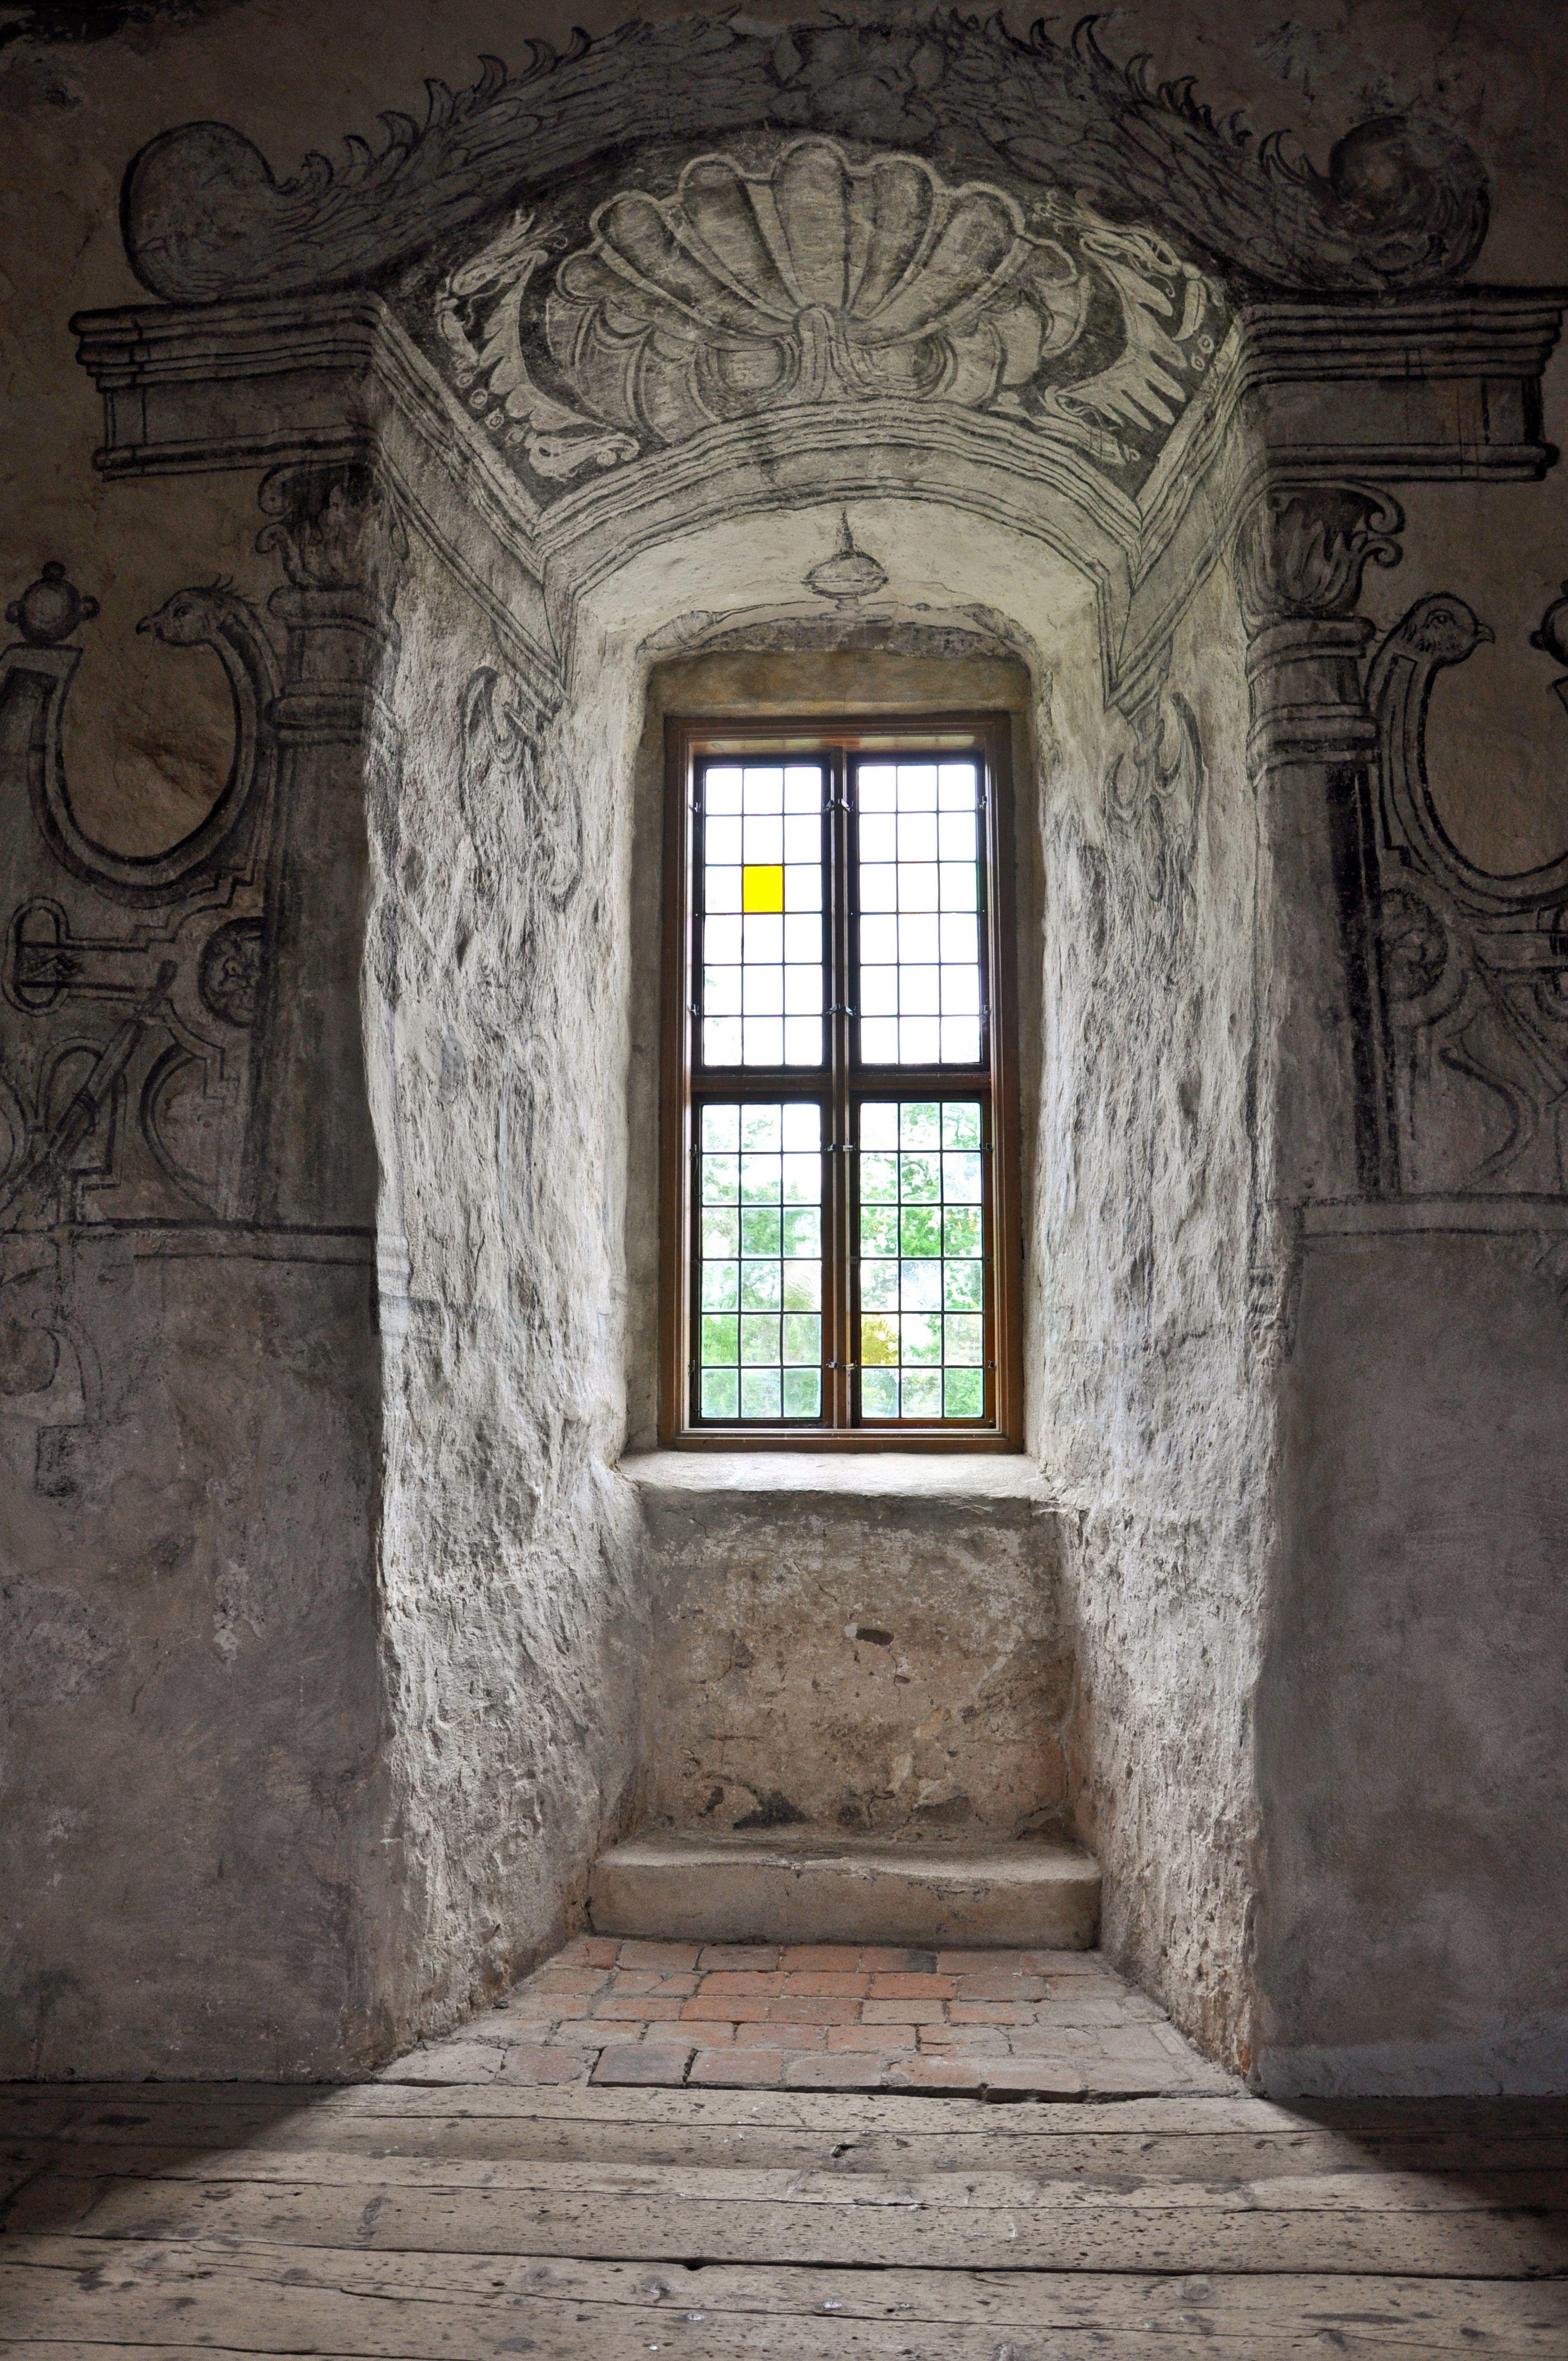 Castle window my style fenster architektur t ren - Fenster style ...